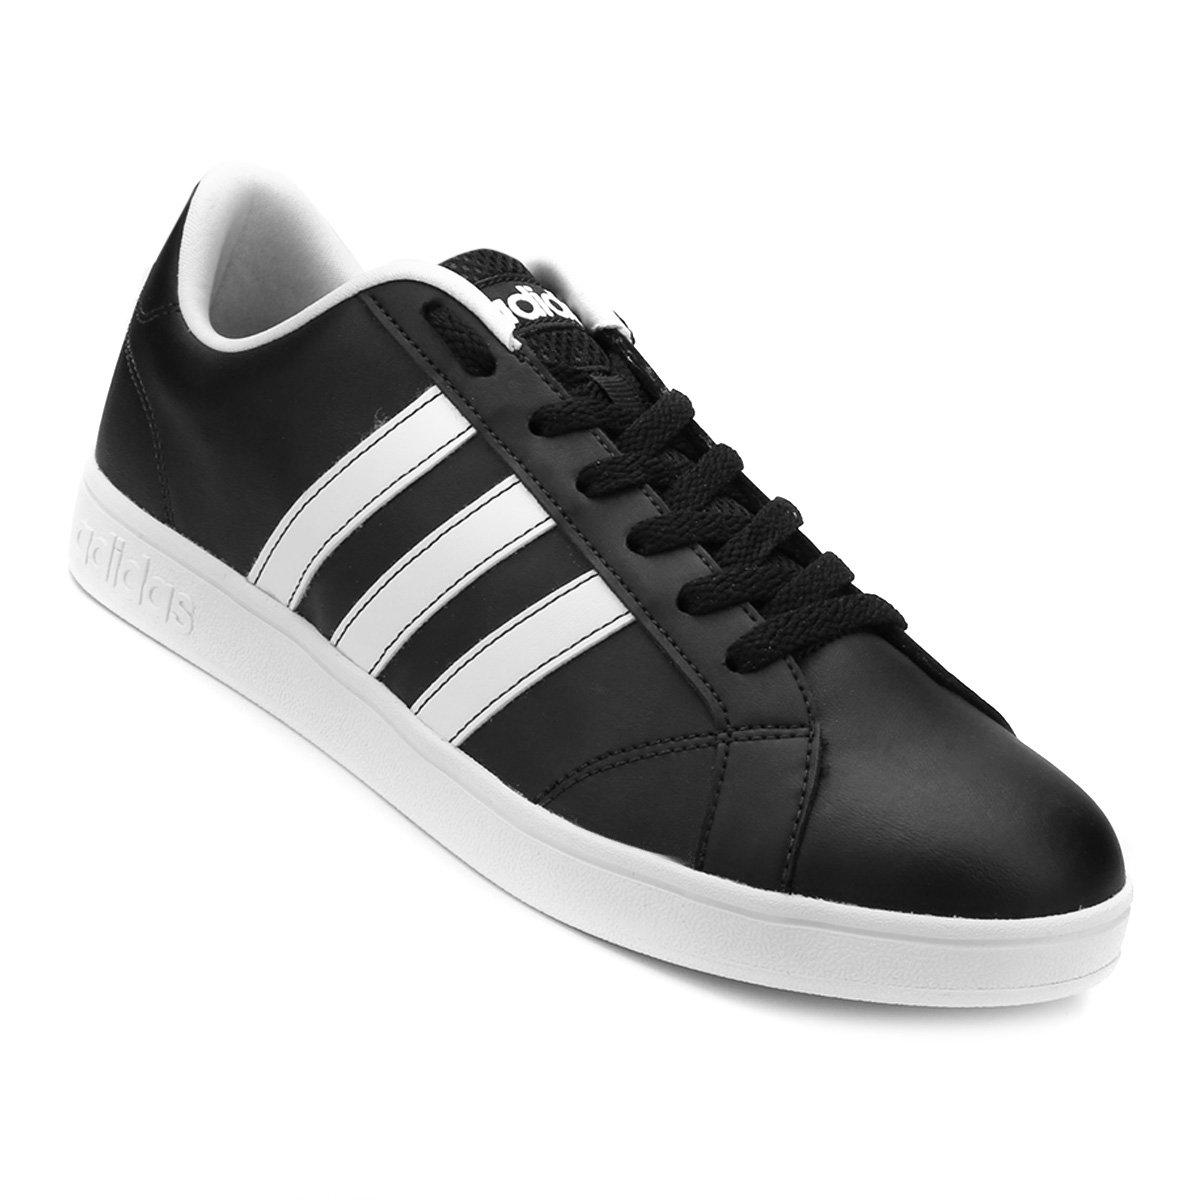 sale retailer fd811 322c1 3f094 3a6a2  wholesale tênis adidas advantage vs 74a4c 82c6e